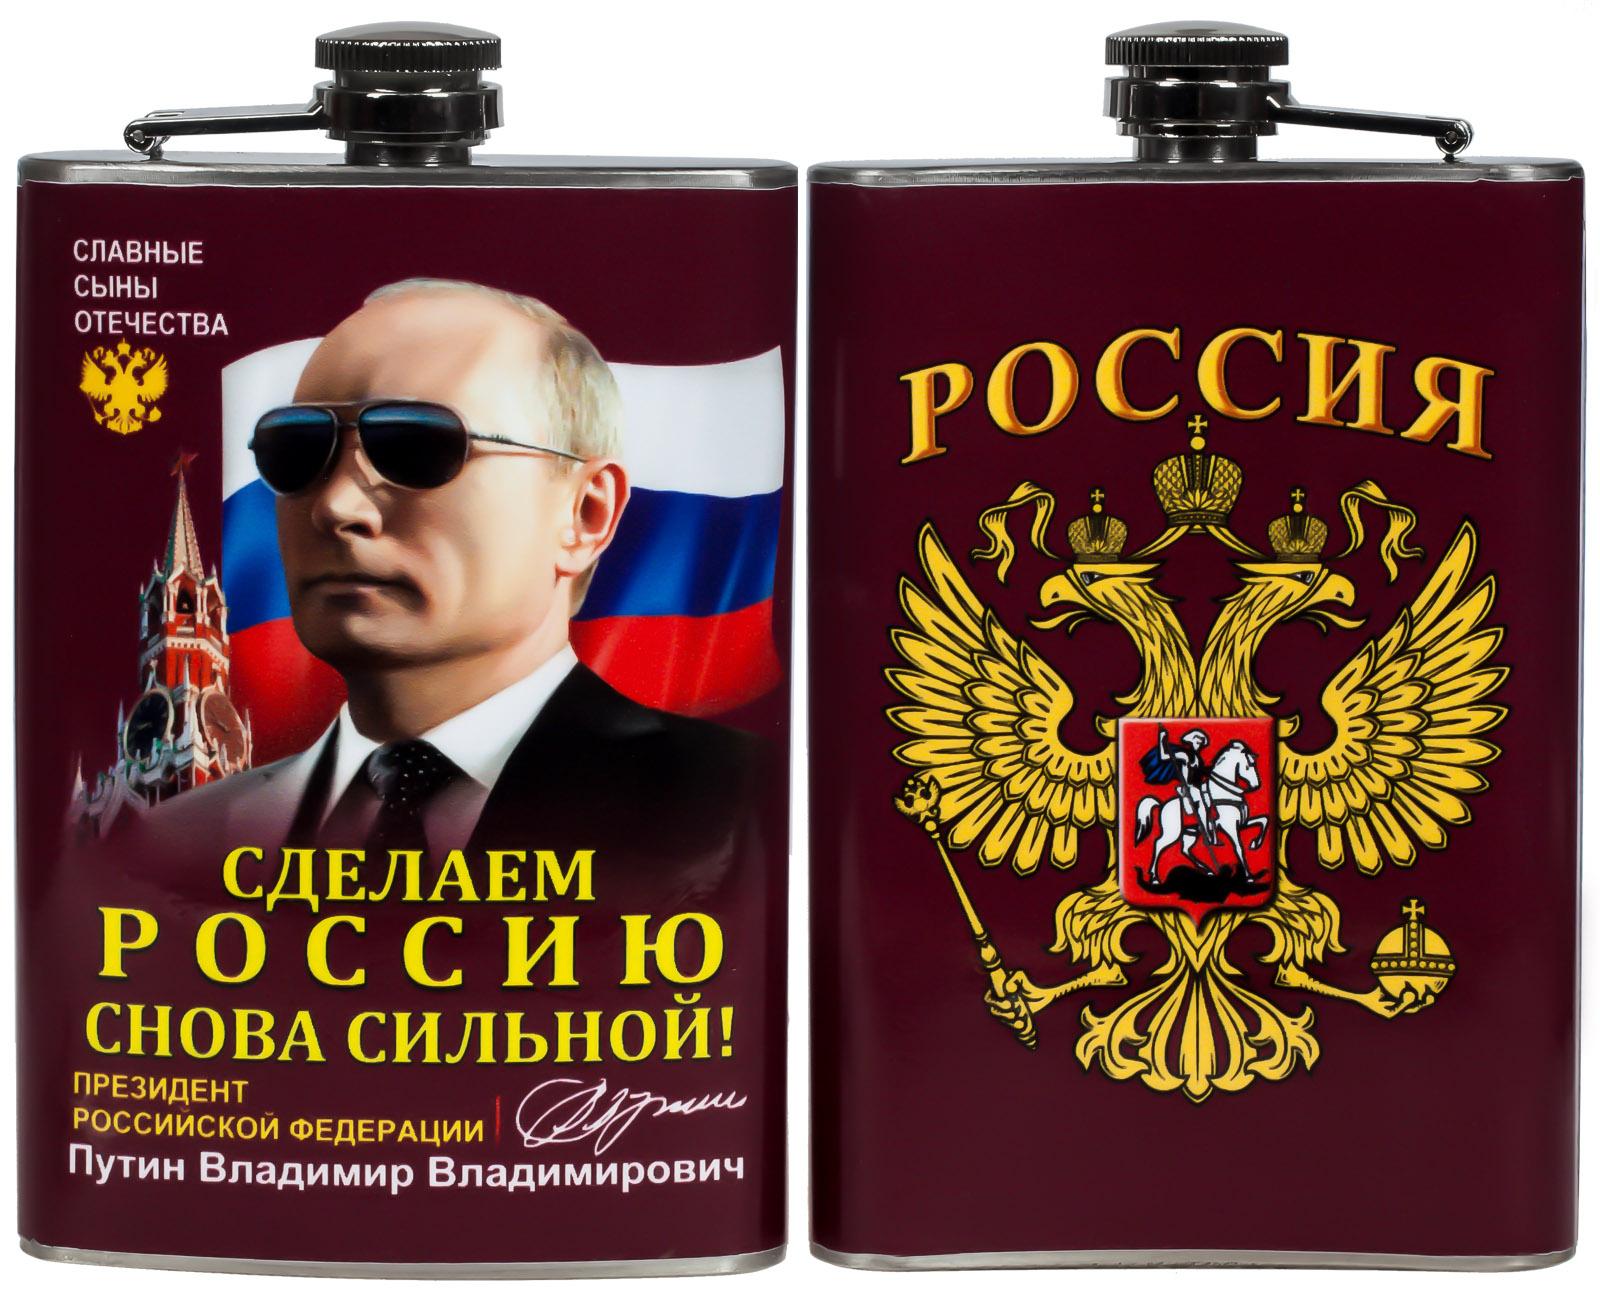 Фляжка с портретом Путина В.В. - купить оптом и в розницу